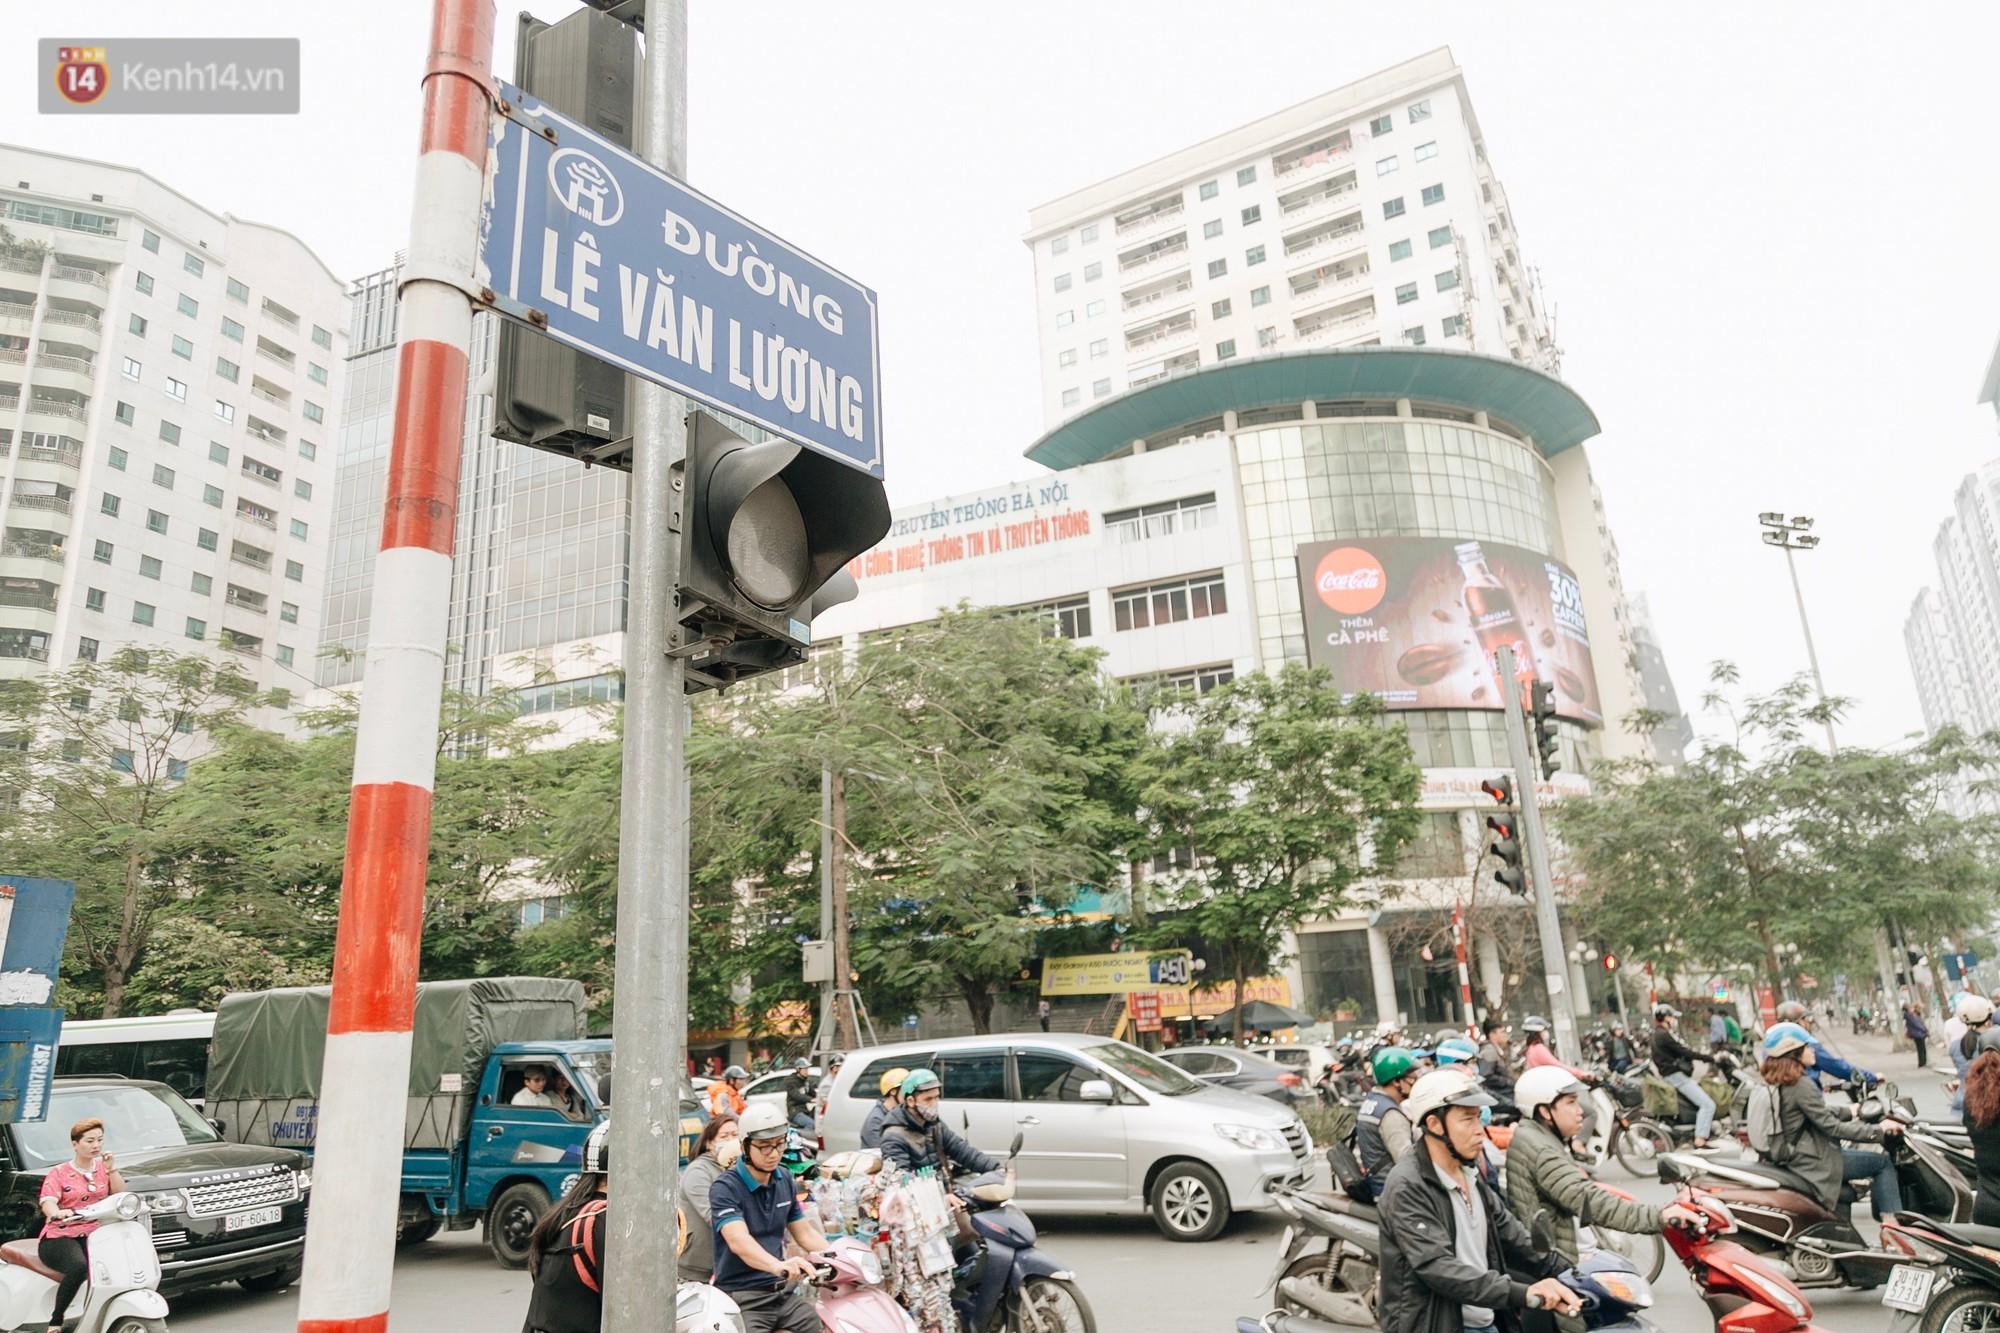 Chuyên gia và người dân nói về thí điểm cấm xe máy trên 2 tuyến đường ở Hà Nội: Phải có lộ trình, sau đó từng bước phát triển hạ tầng, giao thông công cộng - Ảnh 1.